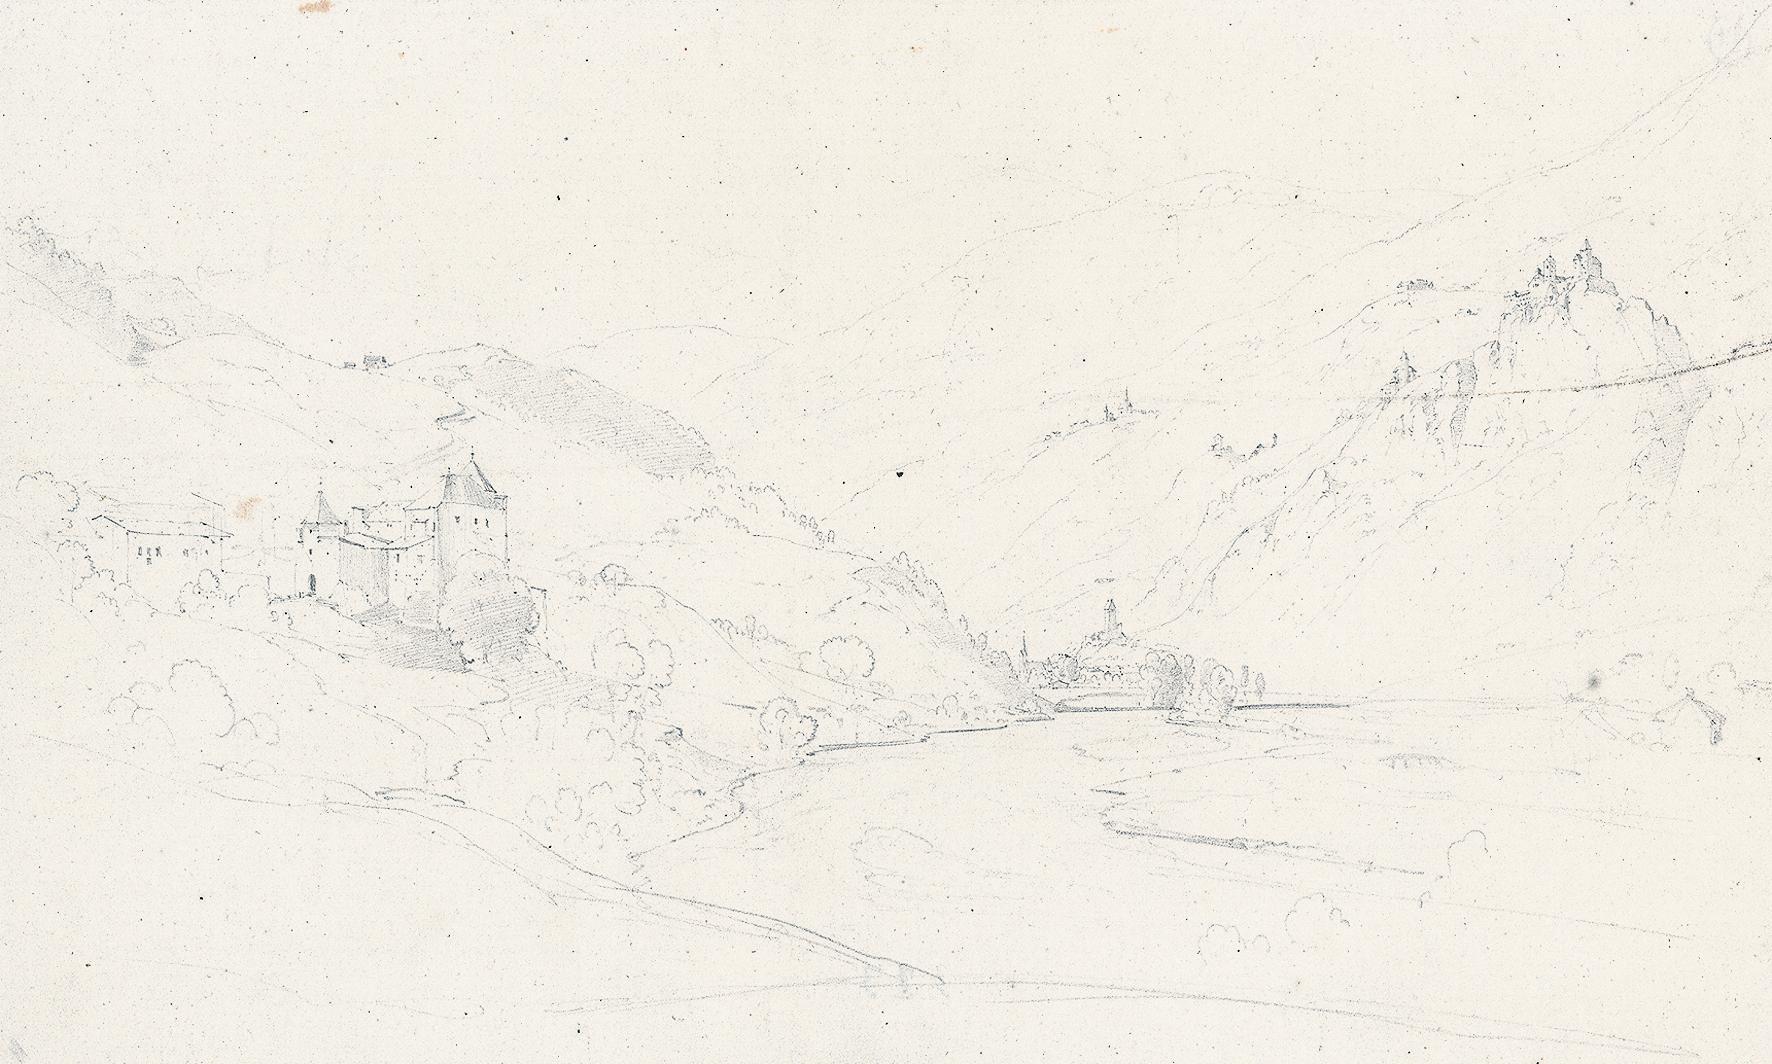 viaLibri ~ Rare Books from 1823 - Page 1